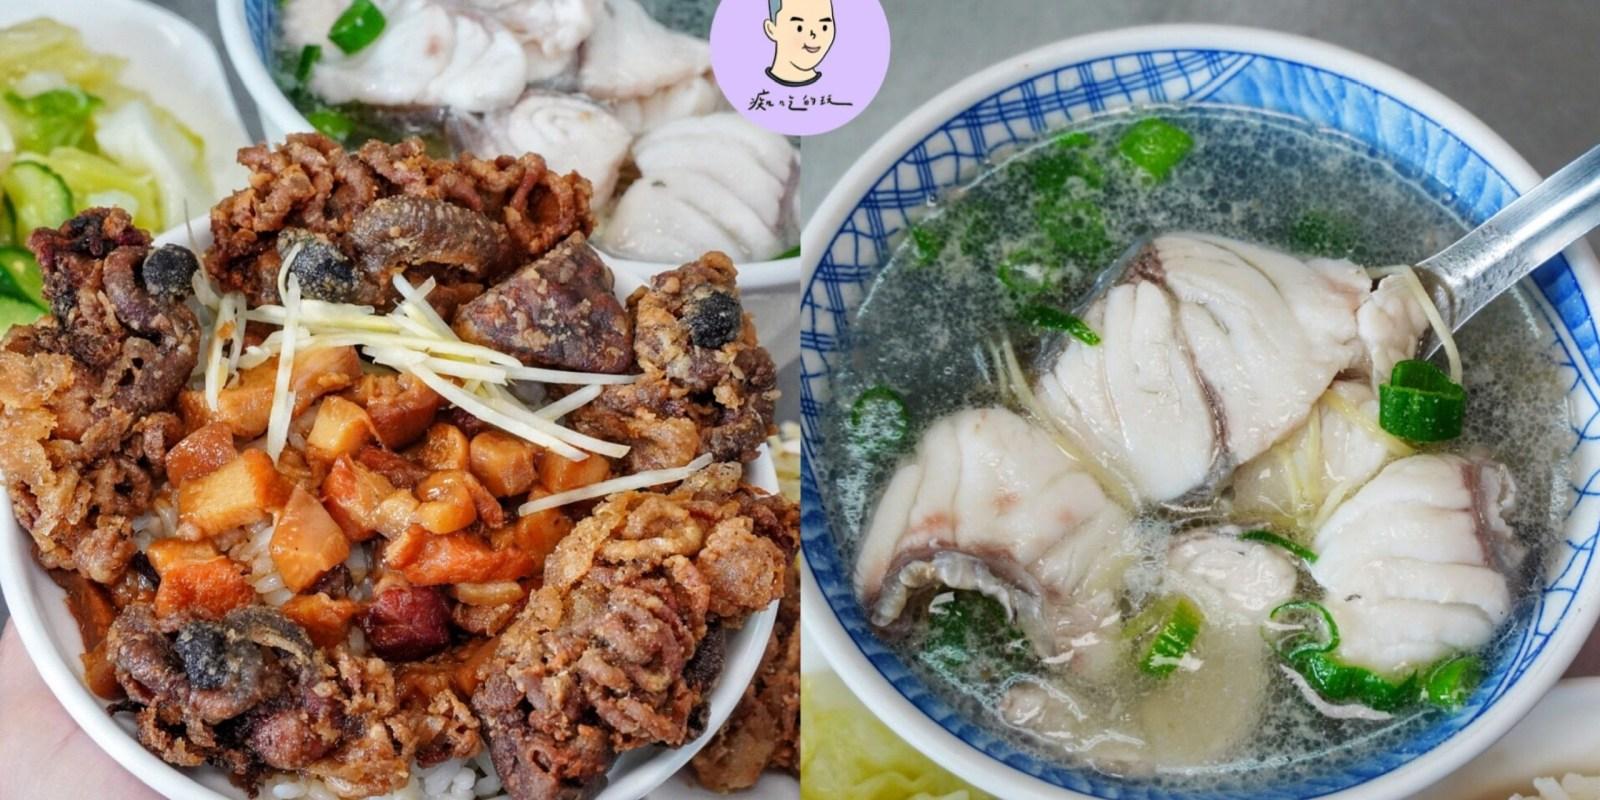 【台南美食】永大魚肚湯 在地人都吃這間「鱸魚湯+炸虱目魚腸」透早限定的隱藏版早餐!! 晚來就吃不到了